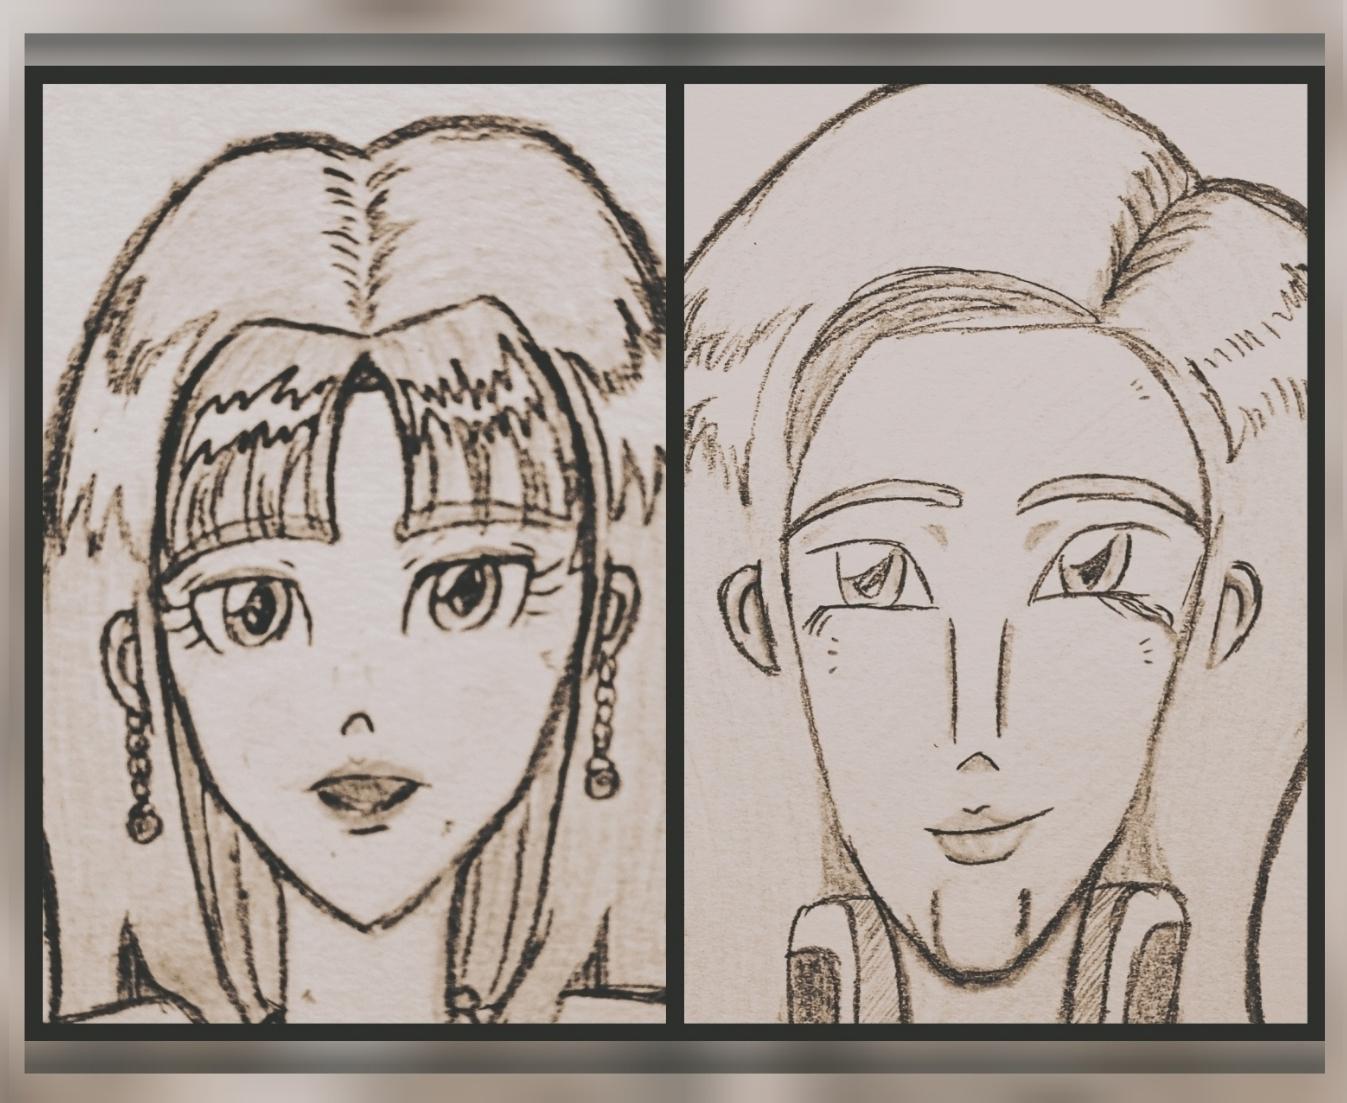 キャラ紹介の挿絵2